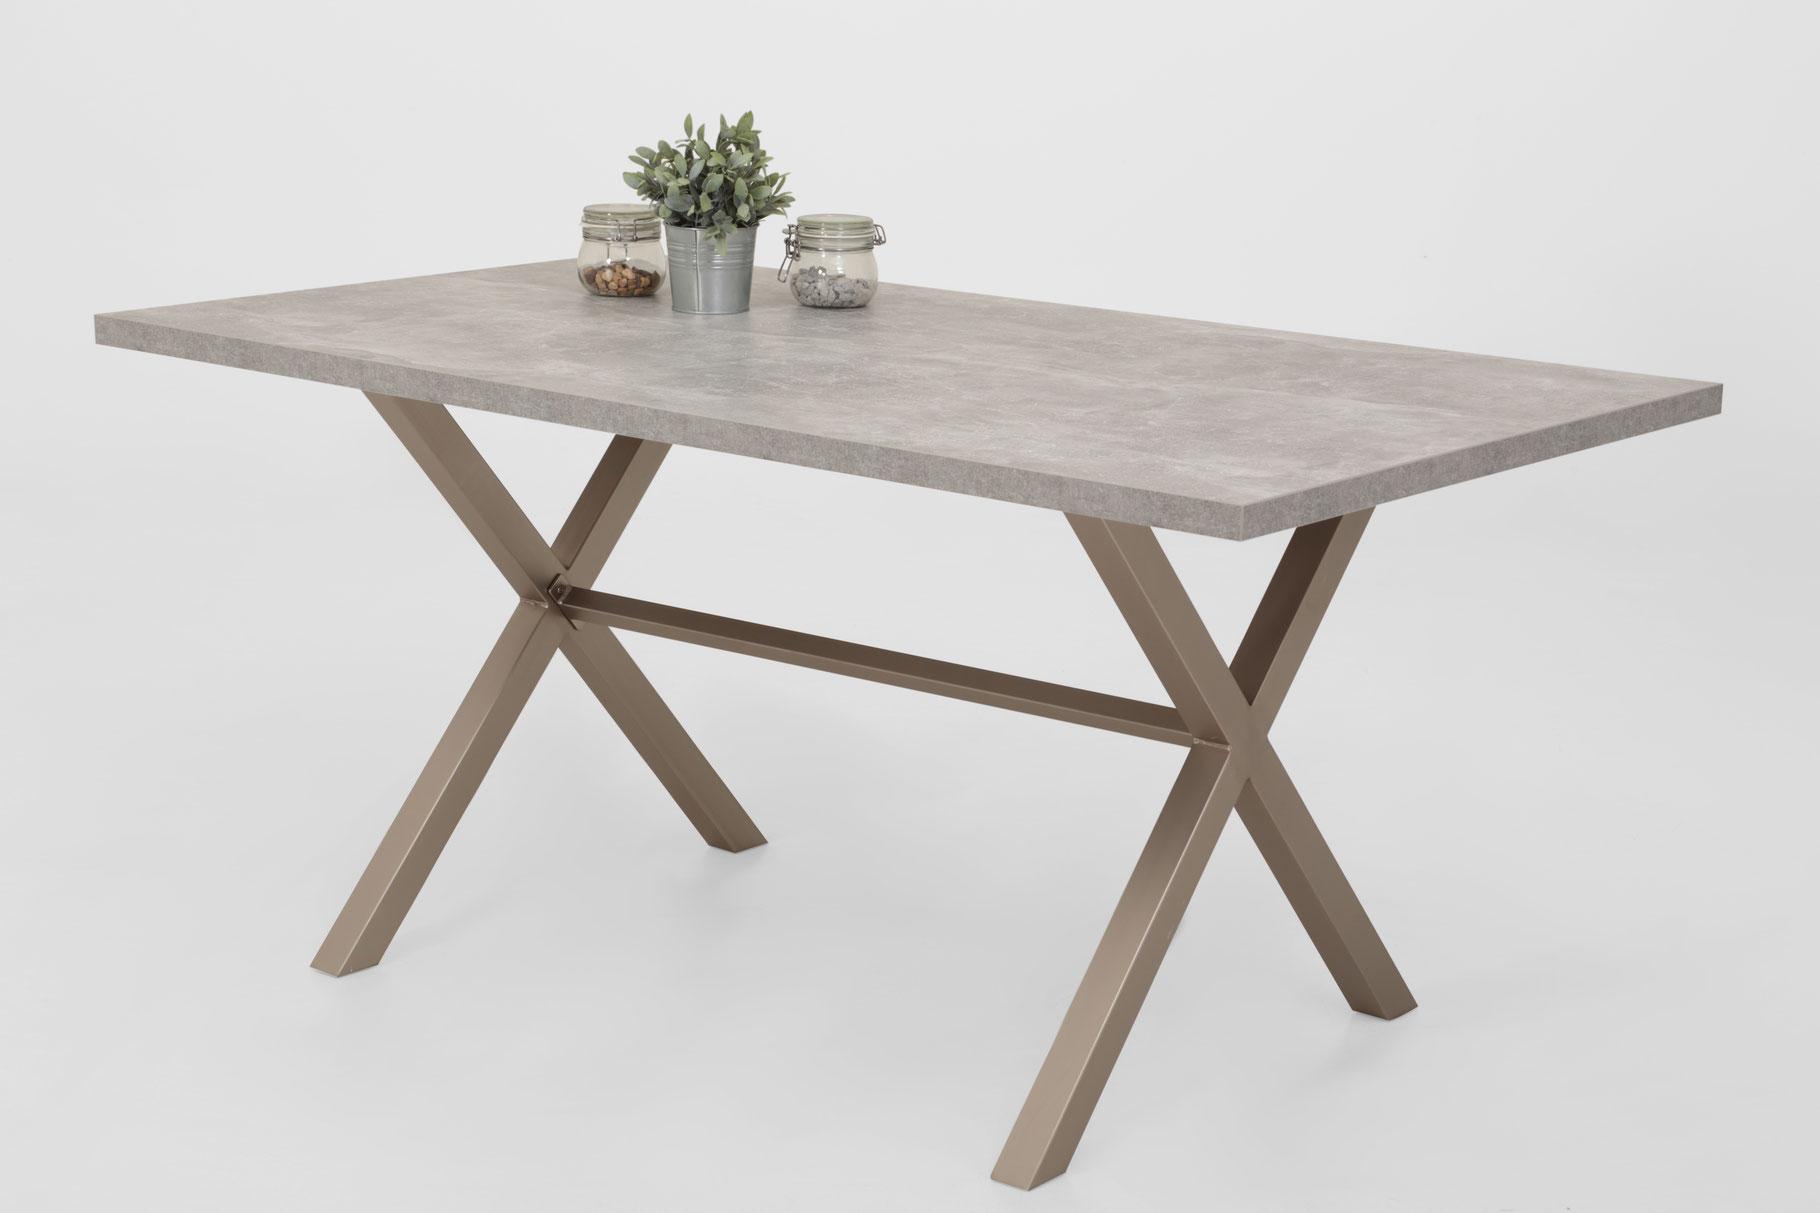 Tisch - günstige Möbel für alle!